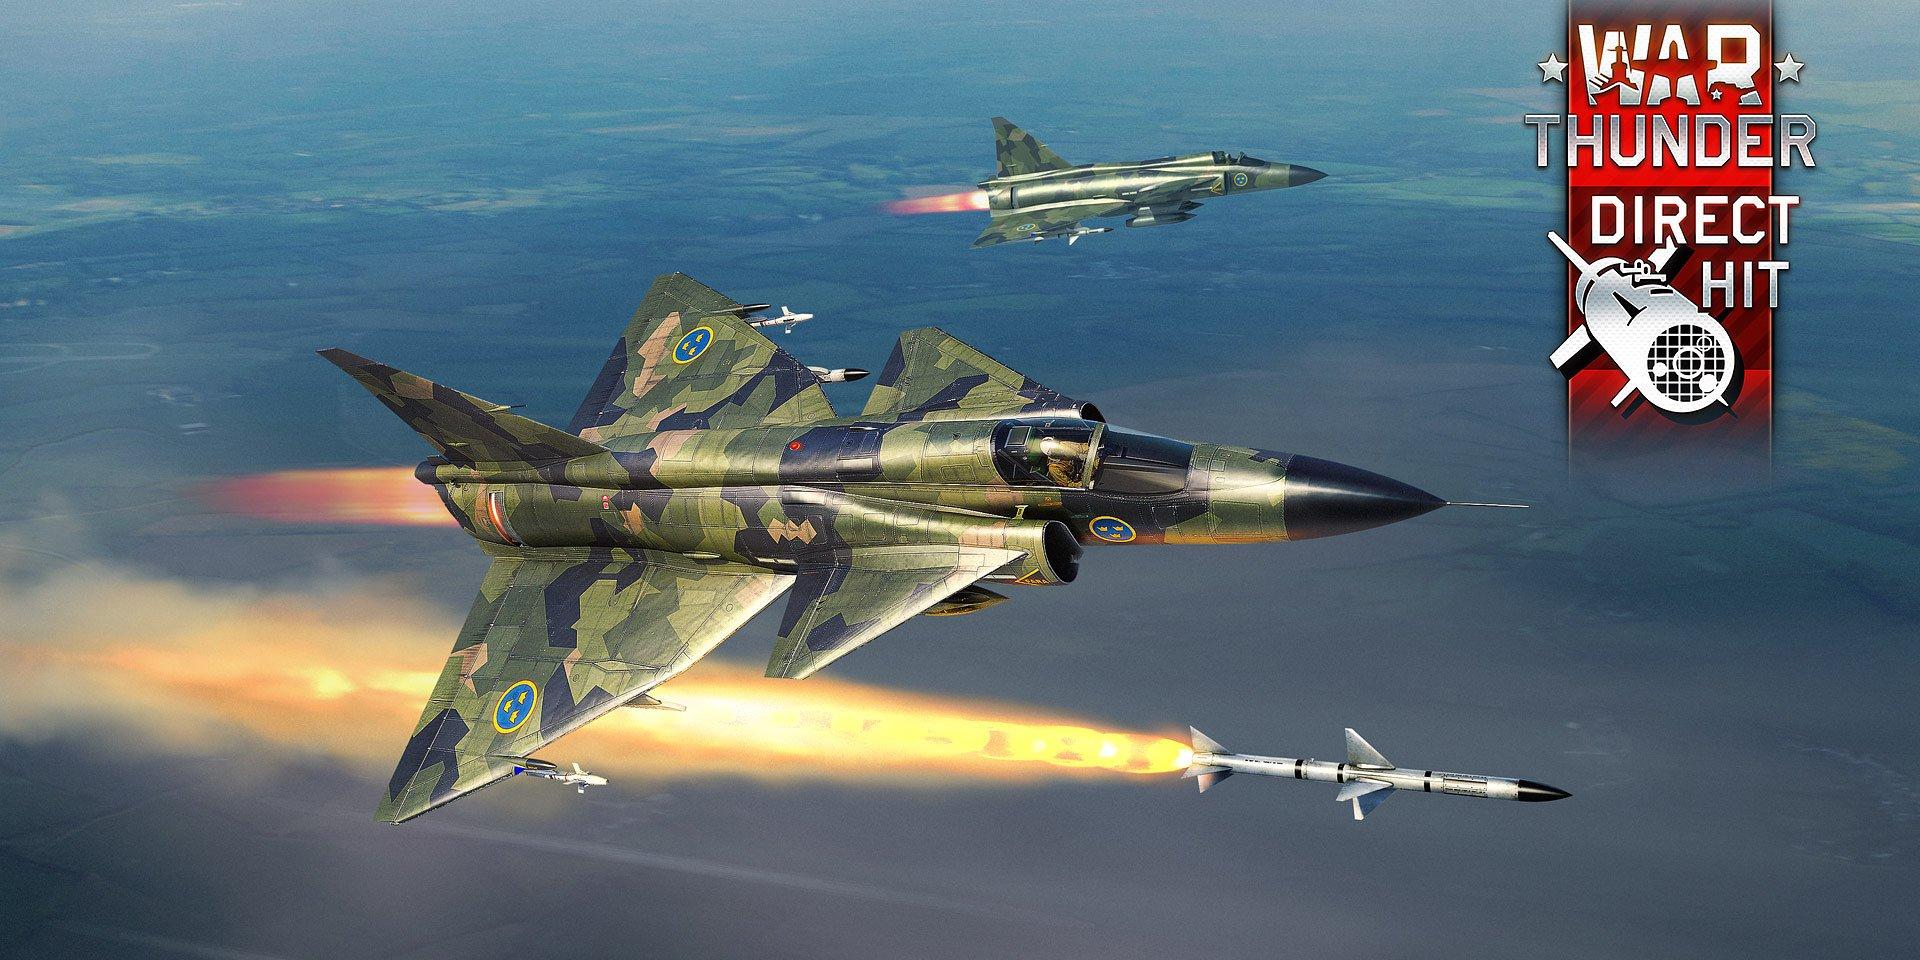 Hra War Thunder si získava srdcia fanúšikov švédskeho letectva